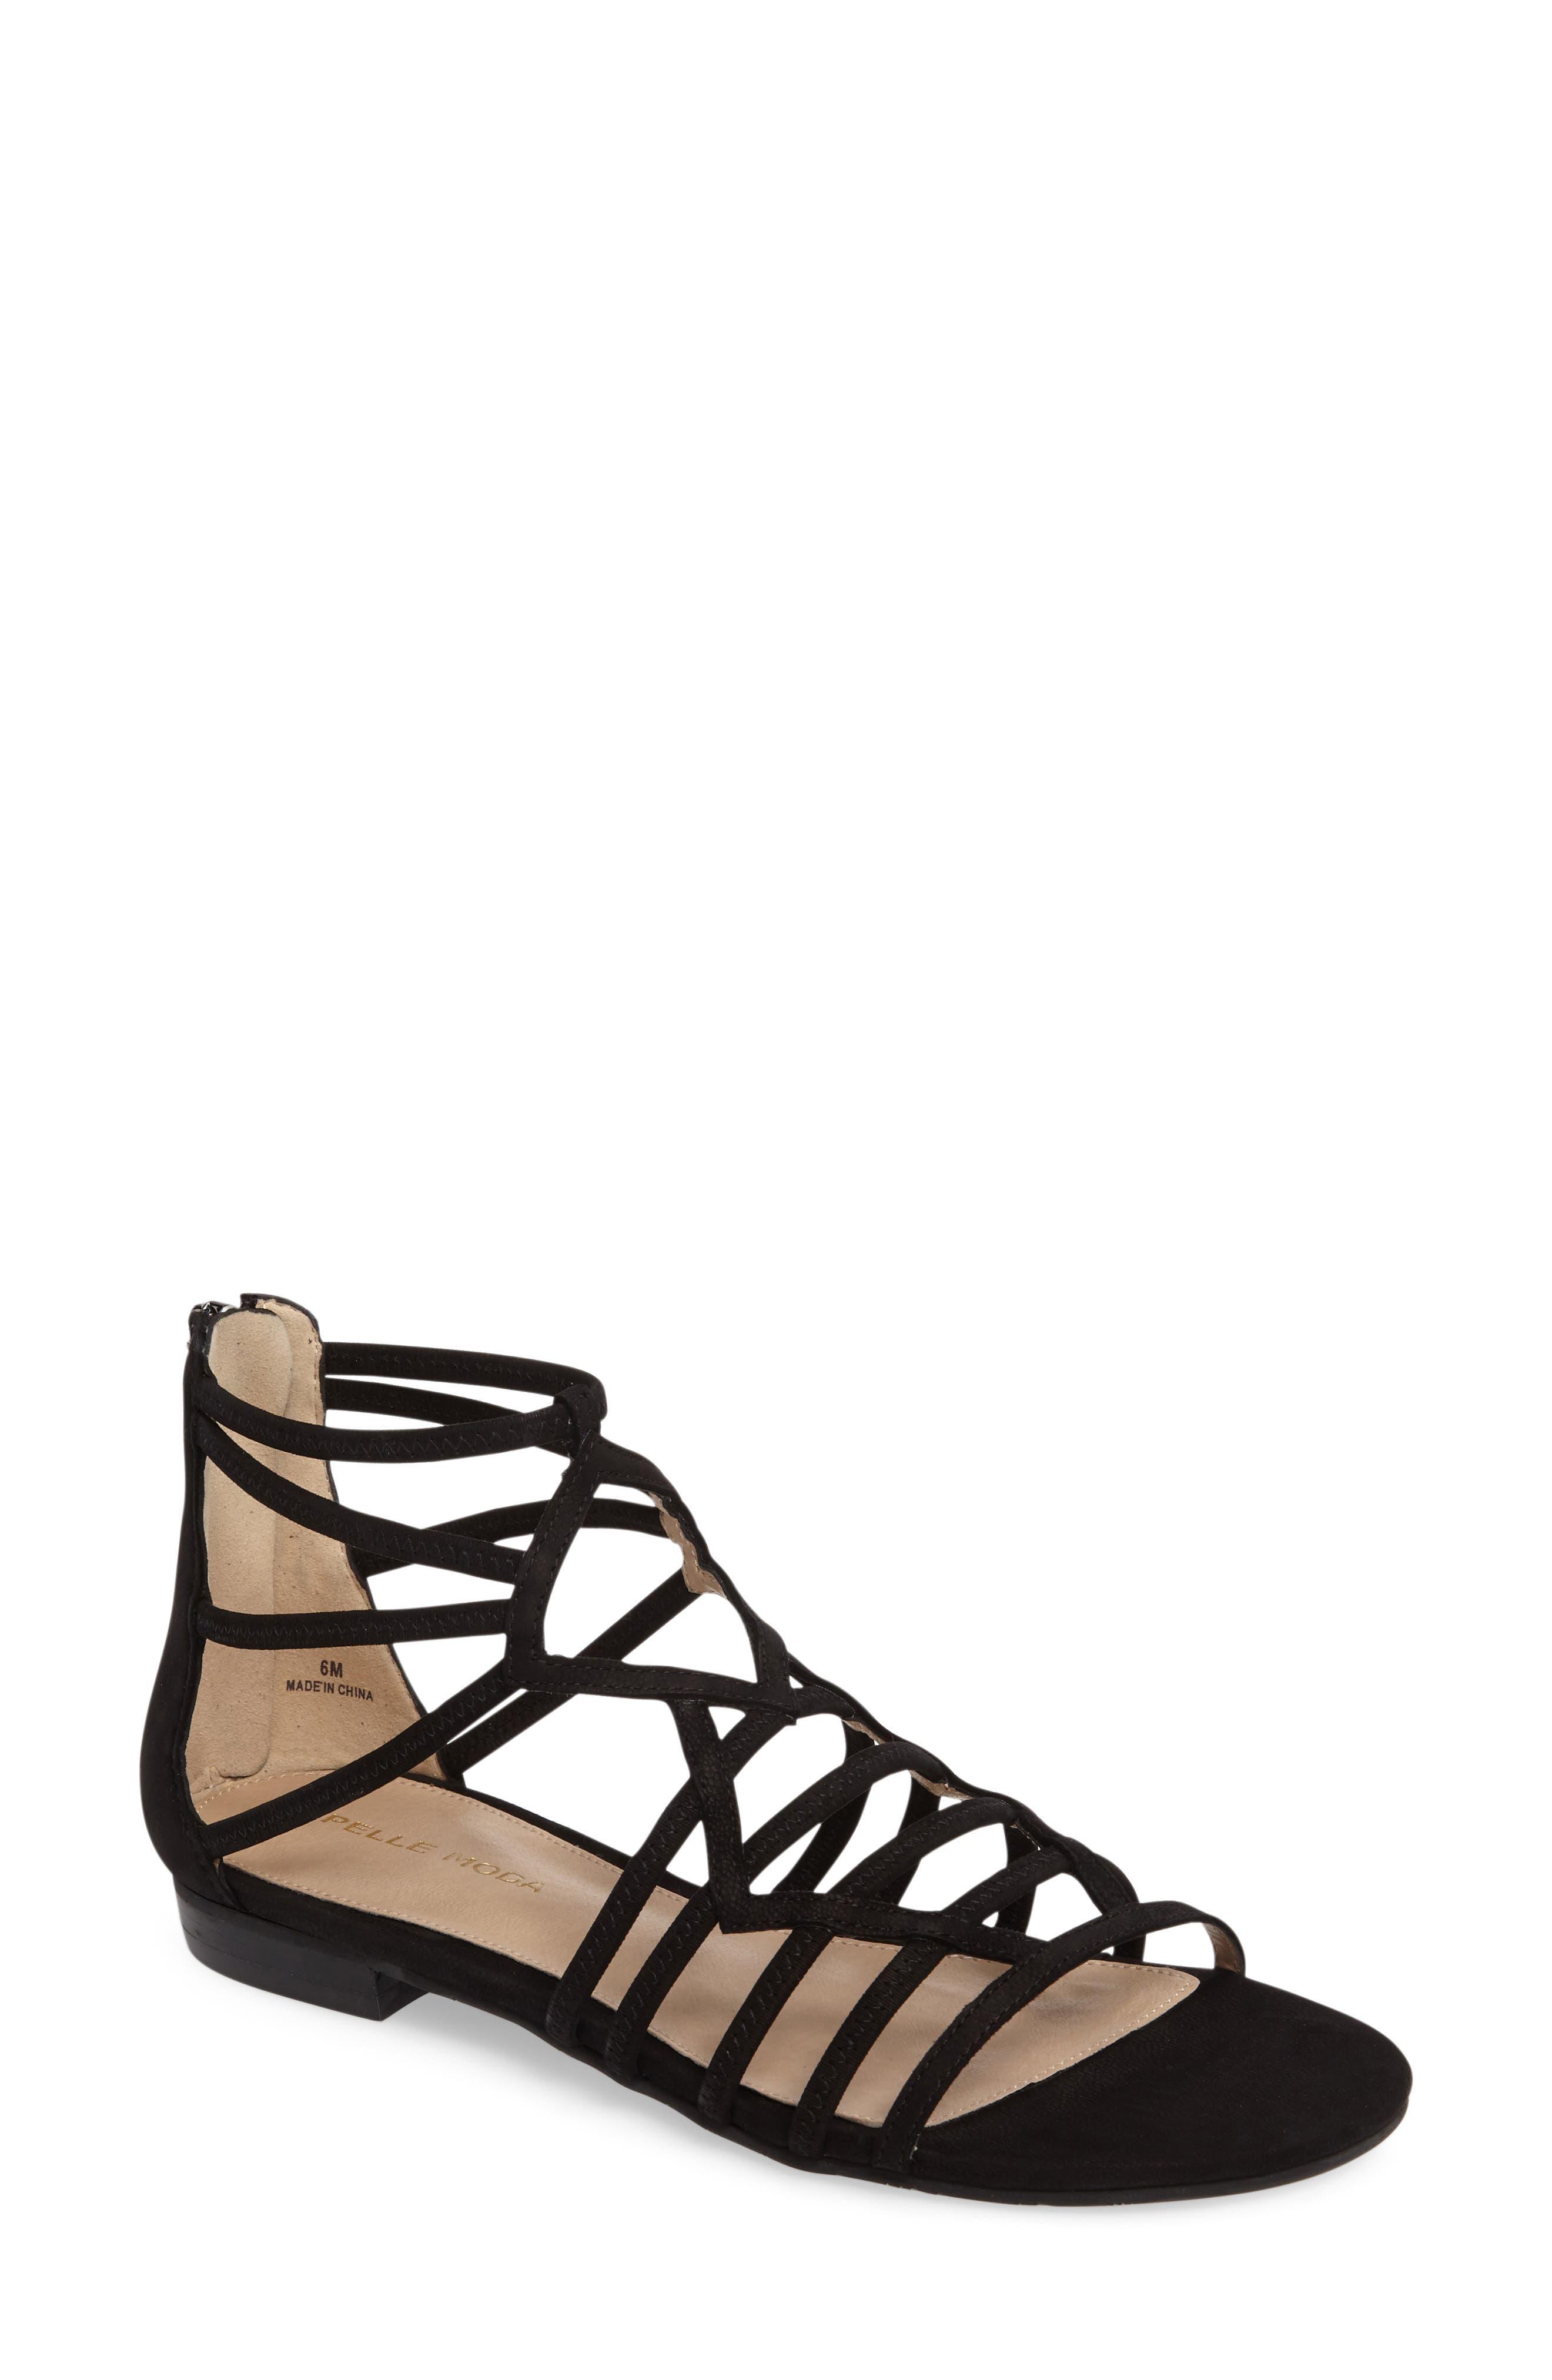 Brazil Strappy Sandal,                         Main,                         color, 001